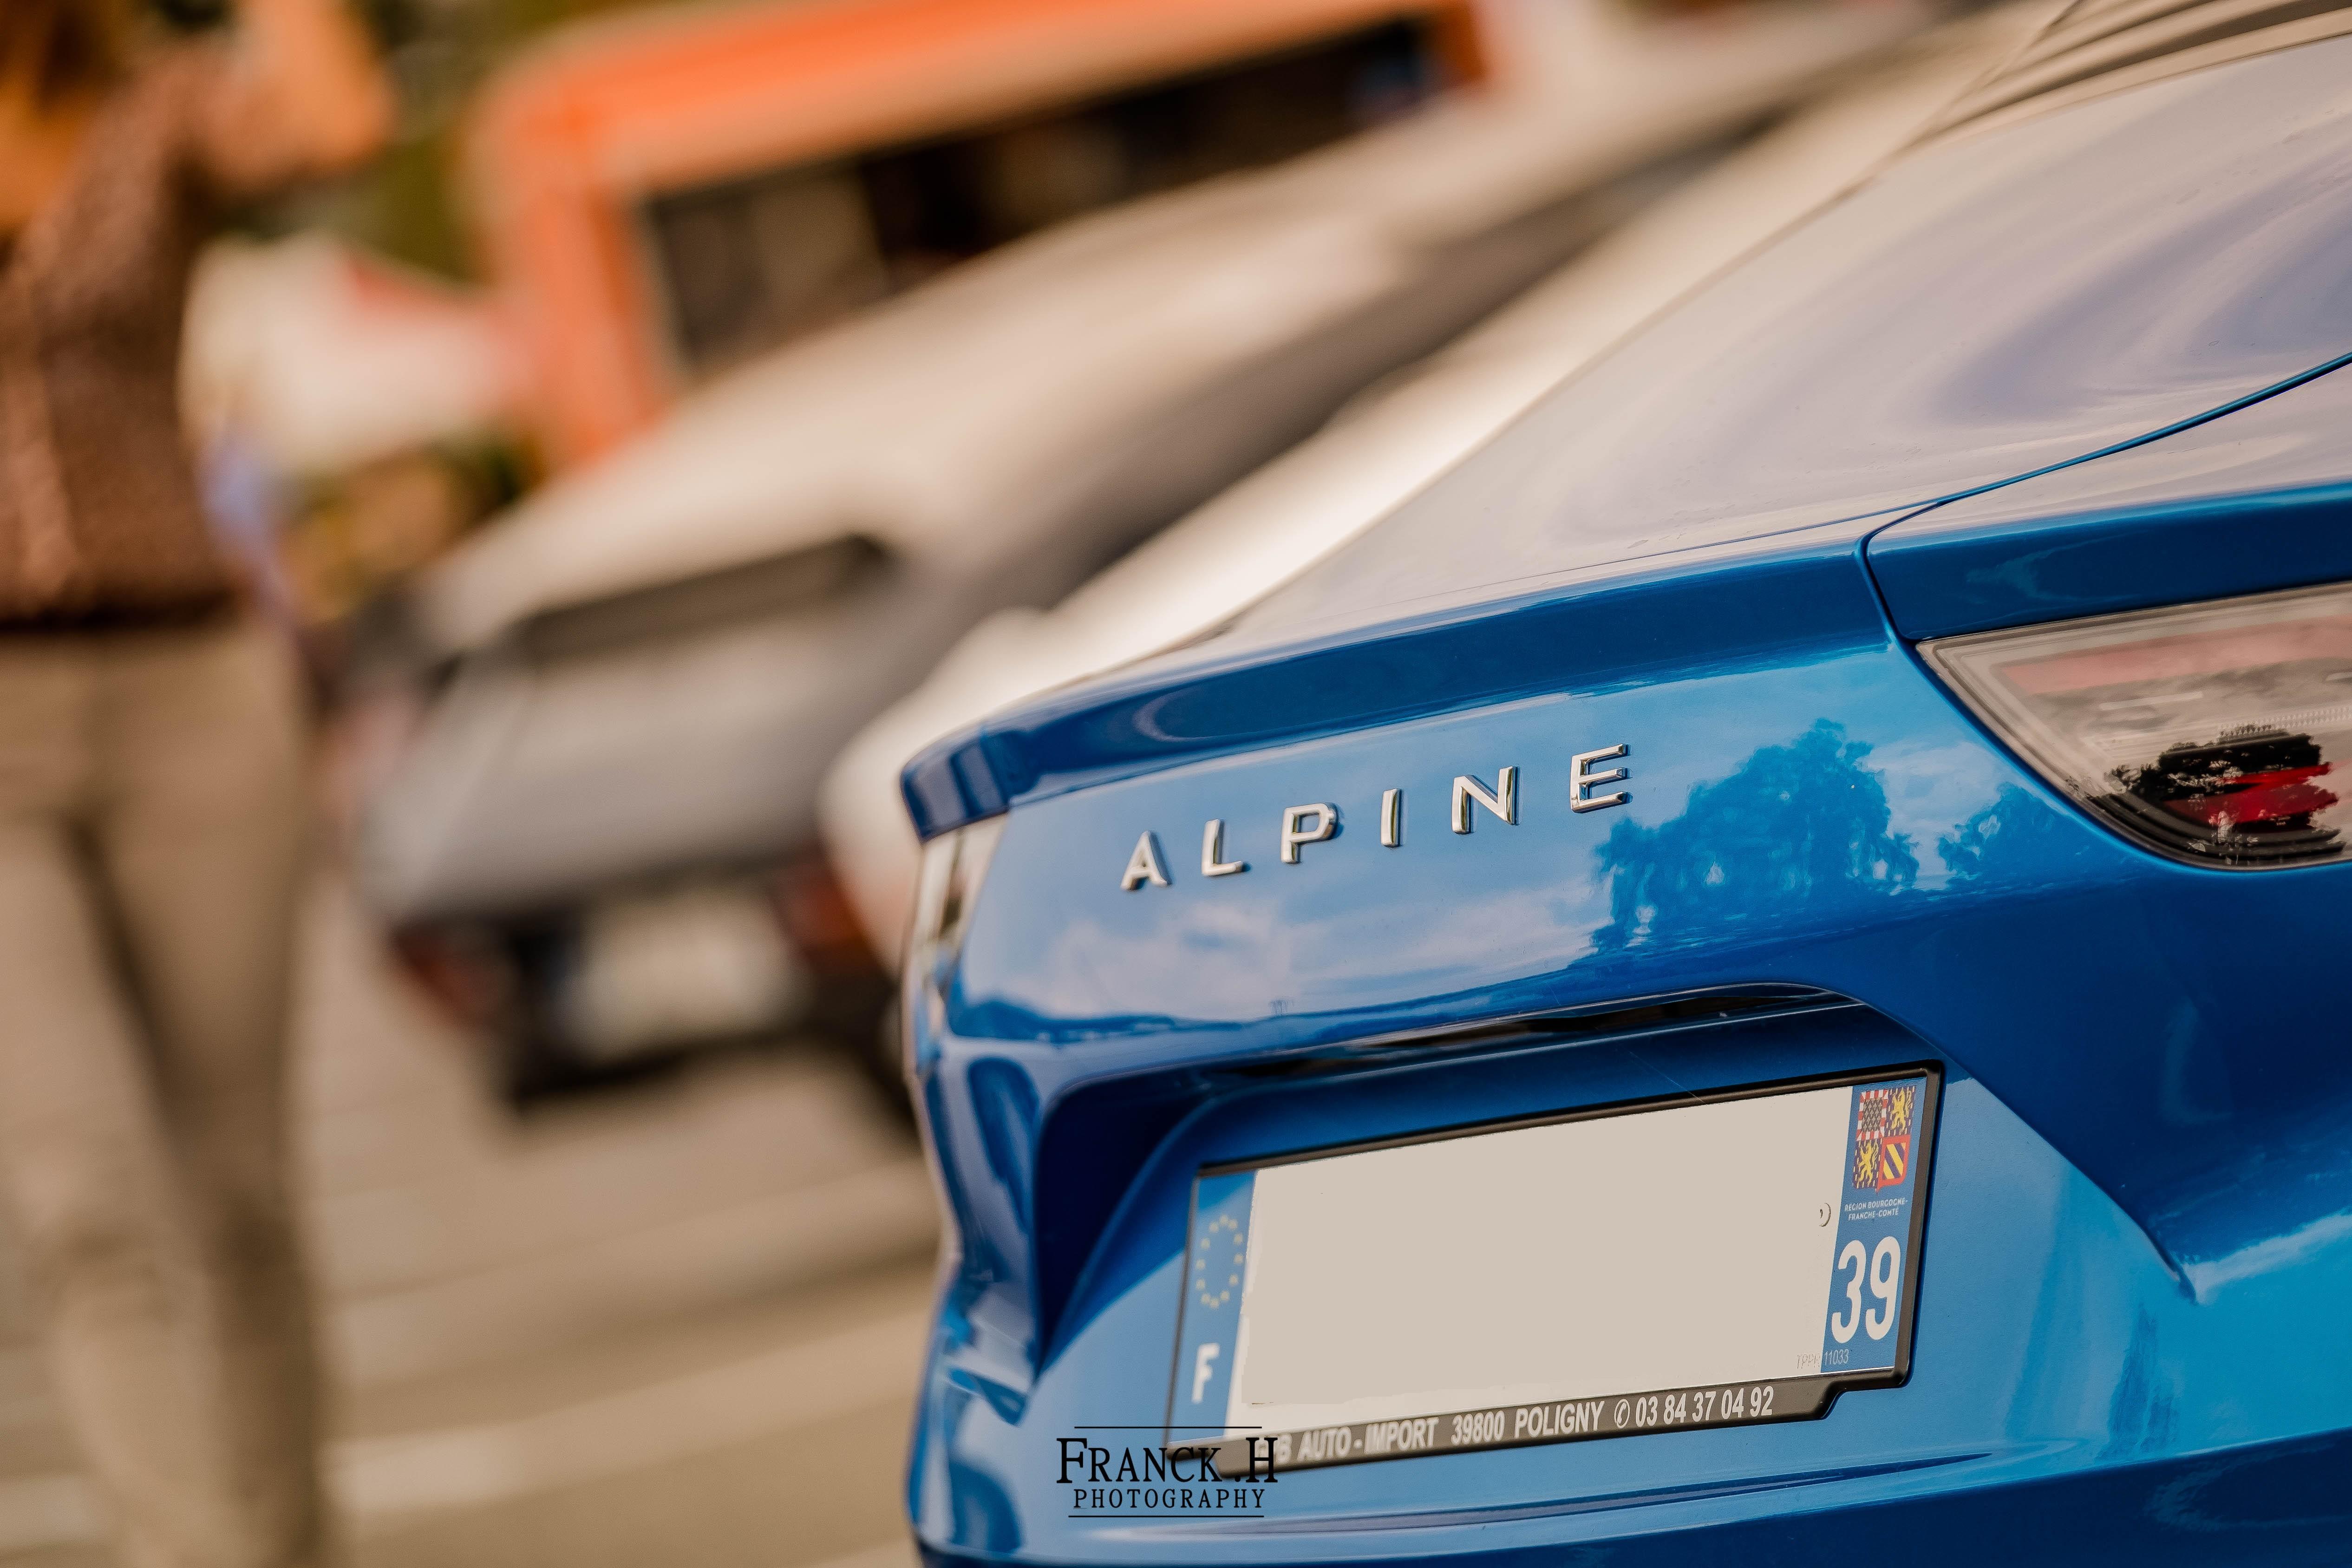 1ère Rencontre Franco Suisse Alpine A110 Divonne Franck H Photography 14 | 1ère Rencontre Franco-Suisse Alpine par Franck H Photography